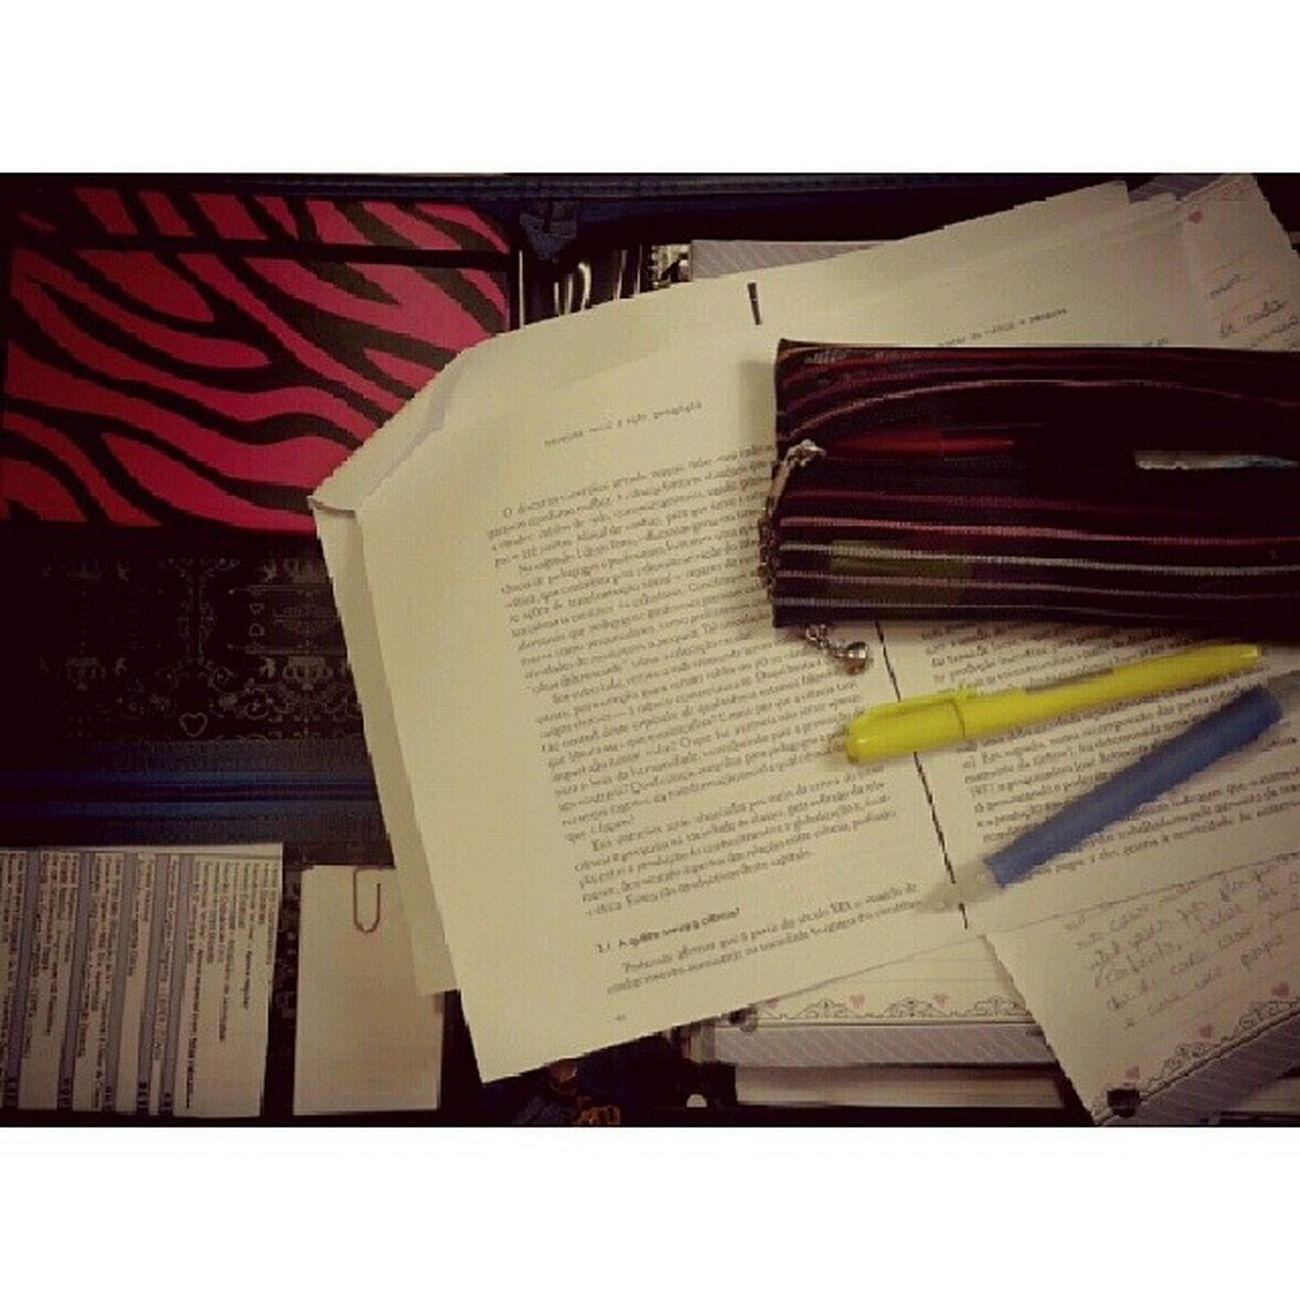 É a vida... ,-, Pedagogia Pratica &pesquisa Textos &textos Ain